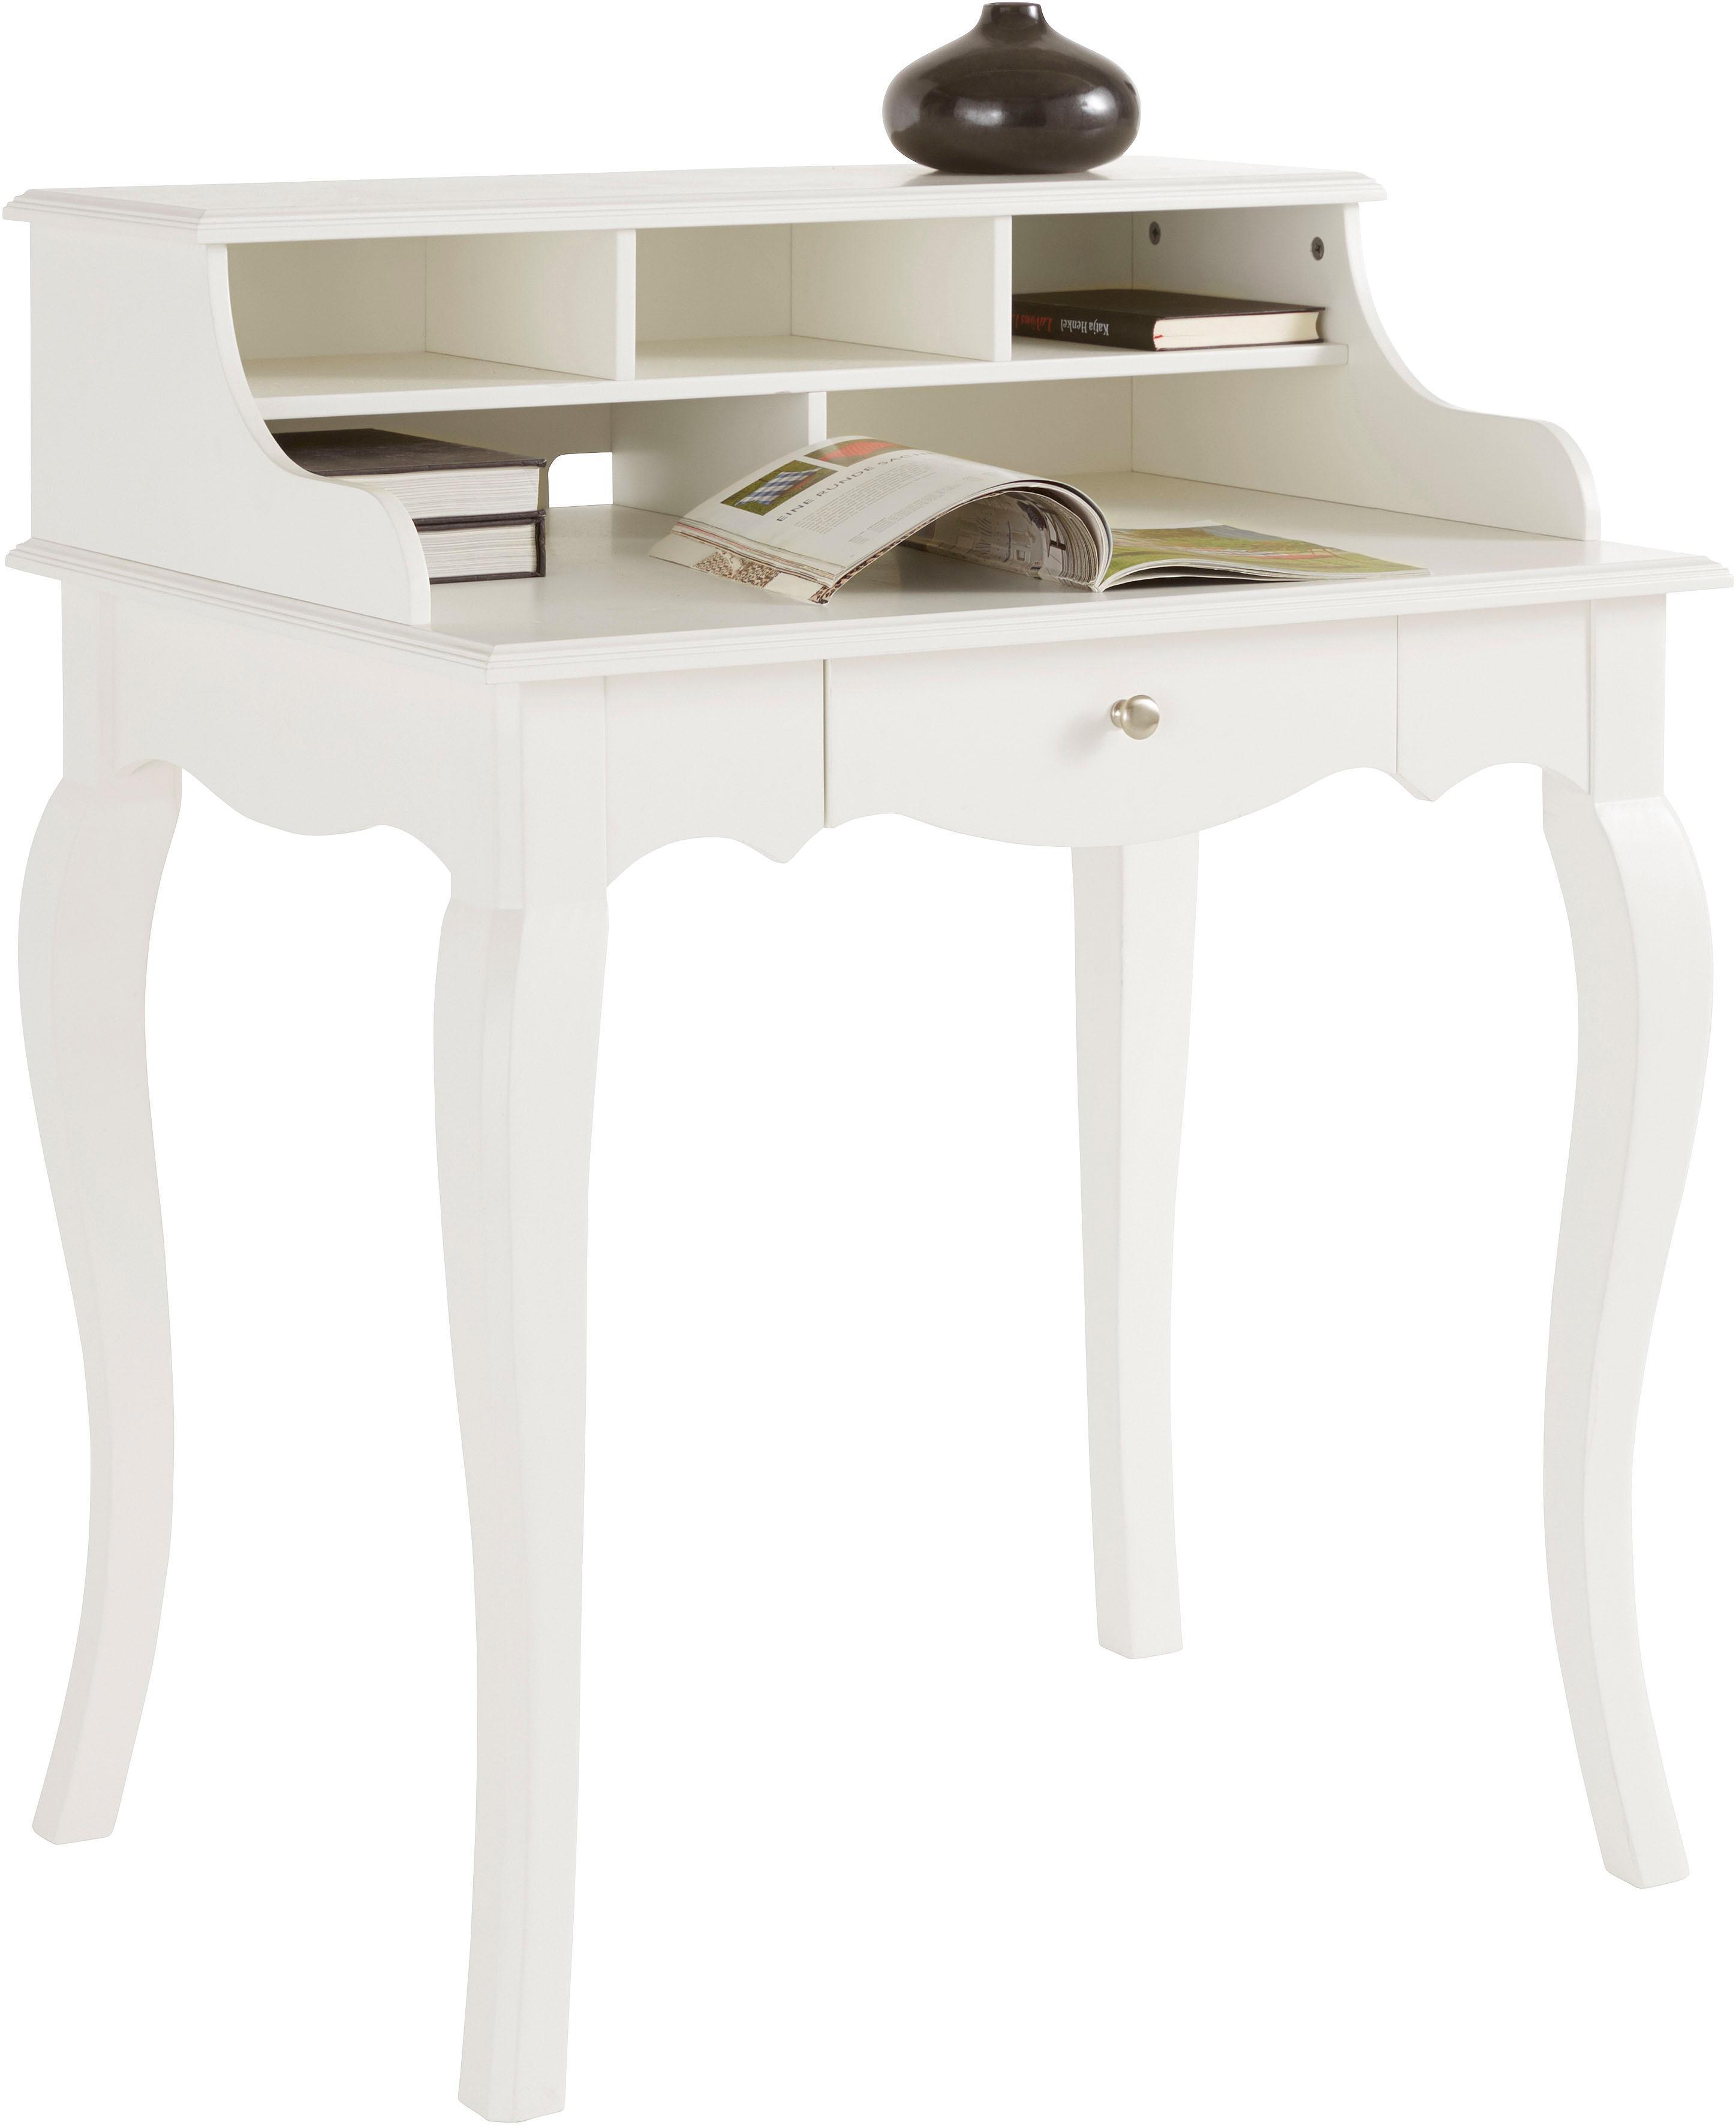 Home affaire Schreibtisch im Landhaus-Stil Breite 80 cm